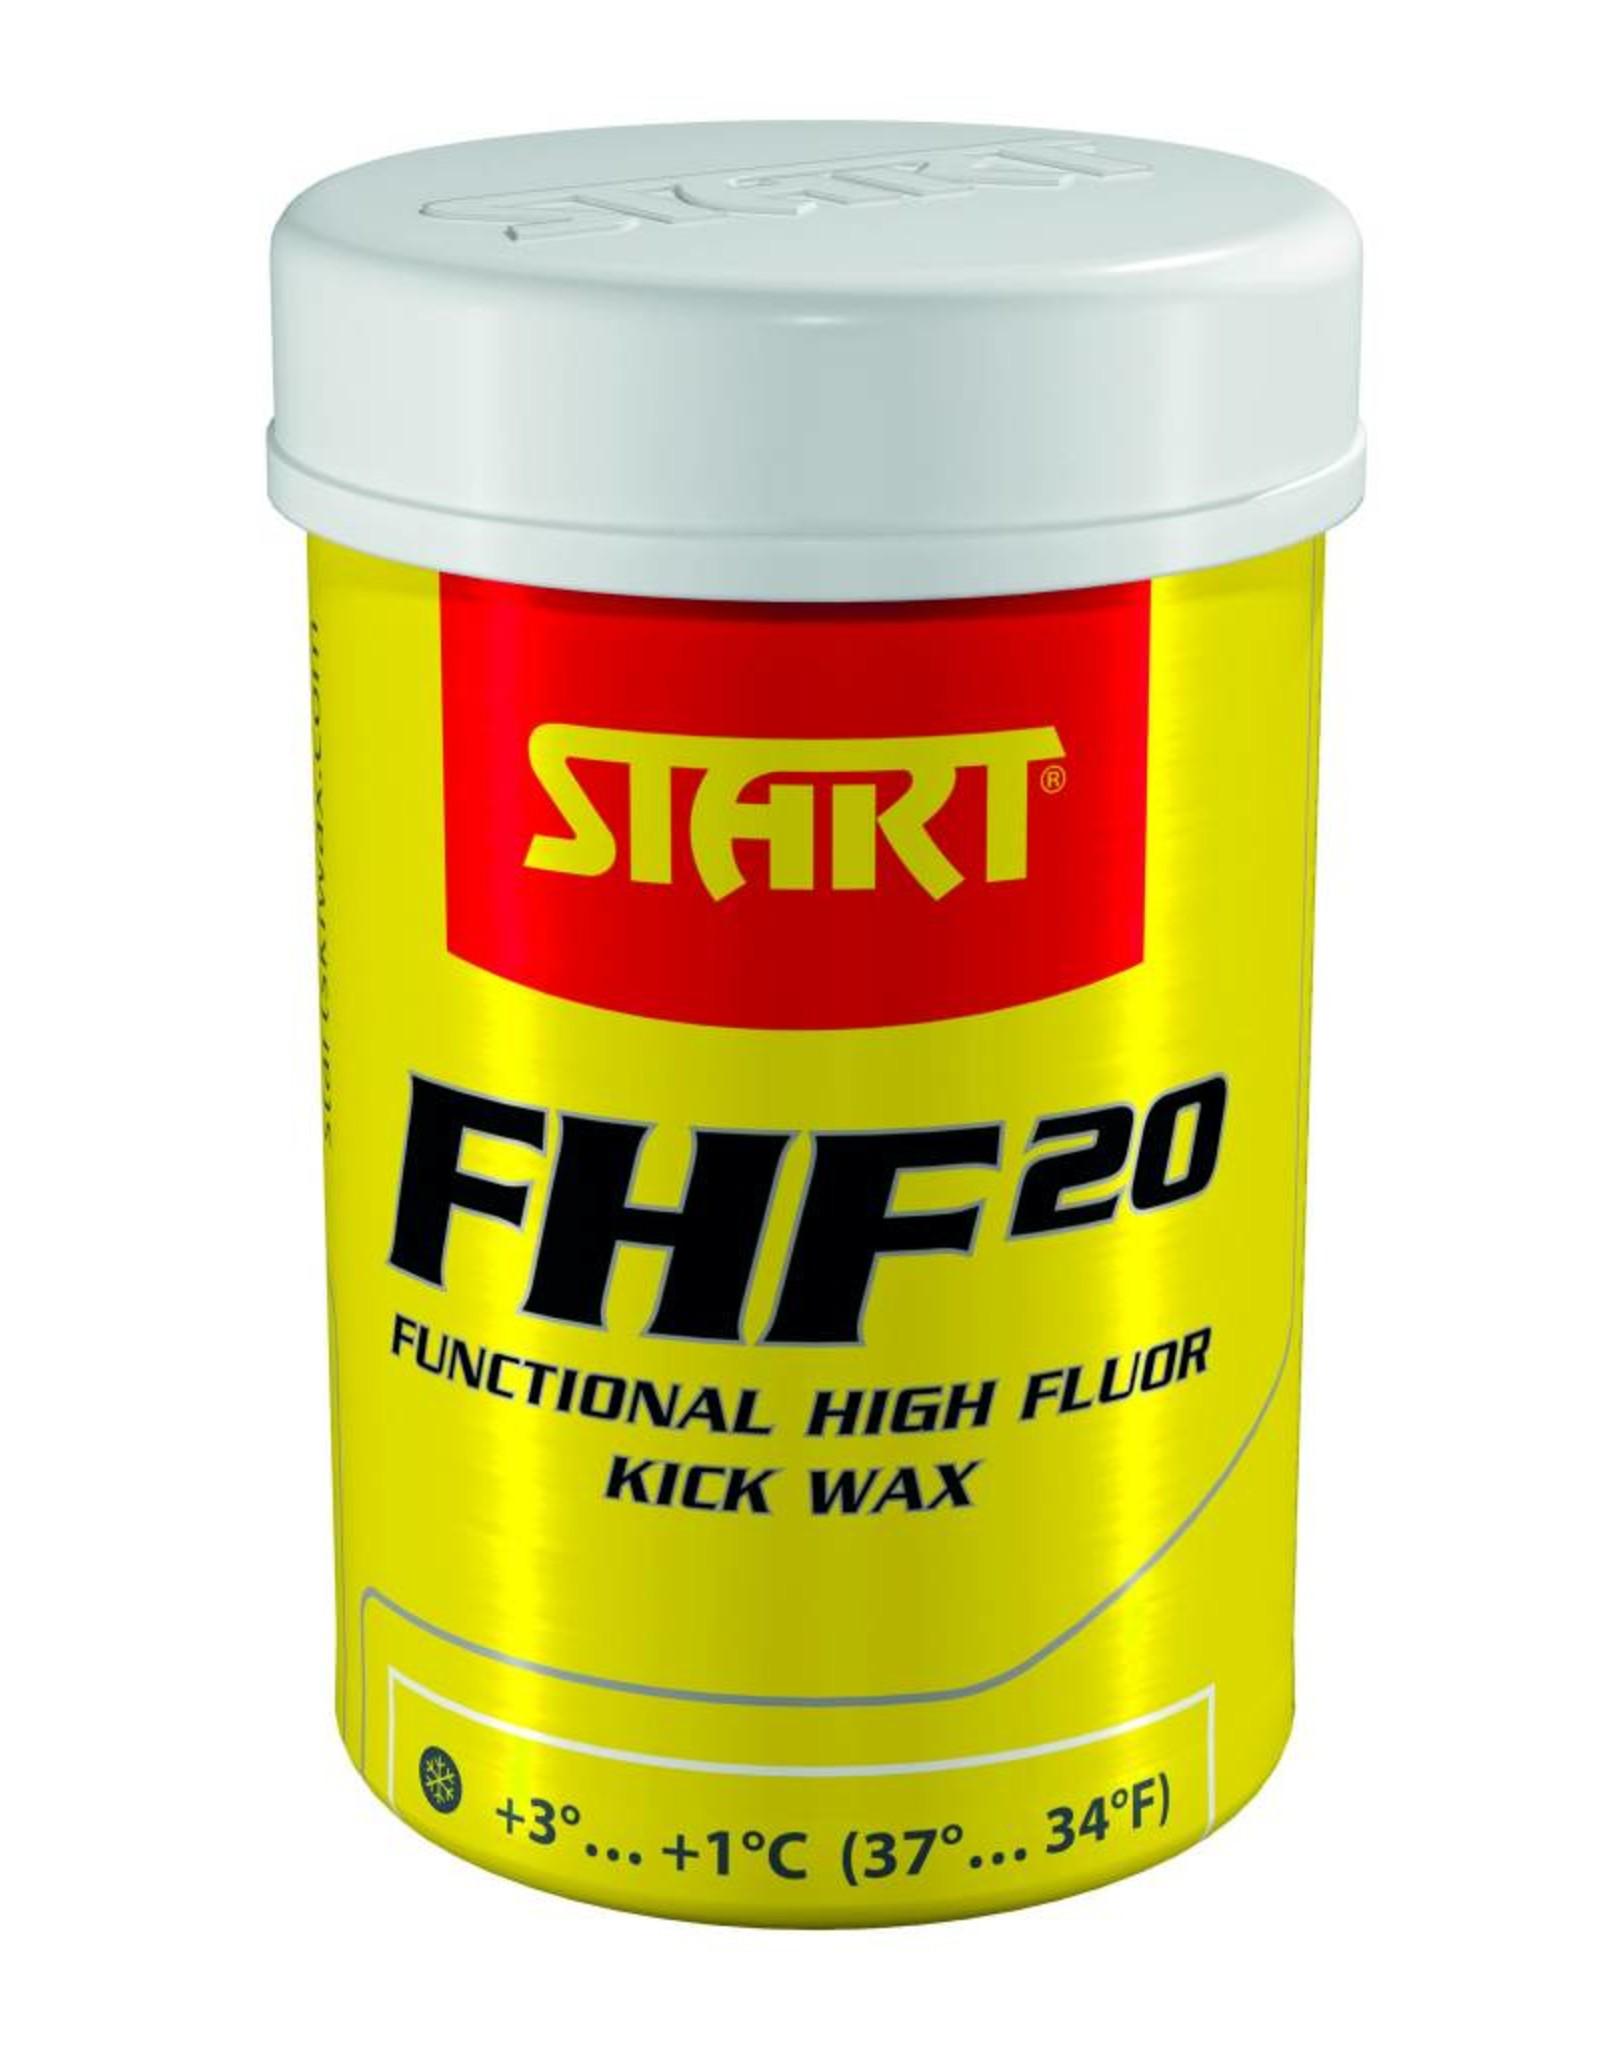 Start FHF20 Kick Wax 45g